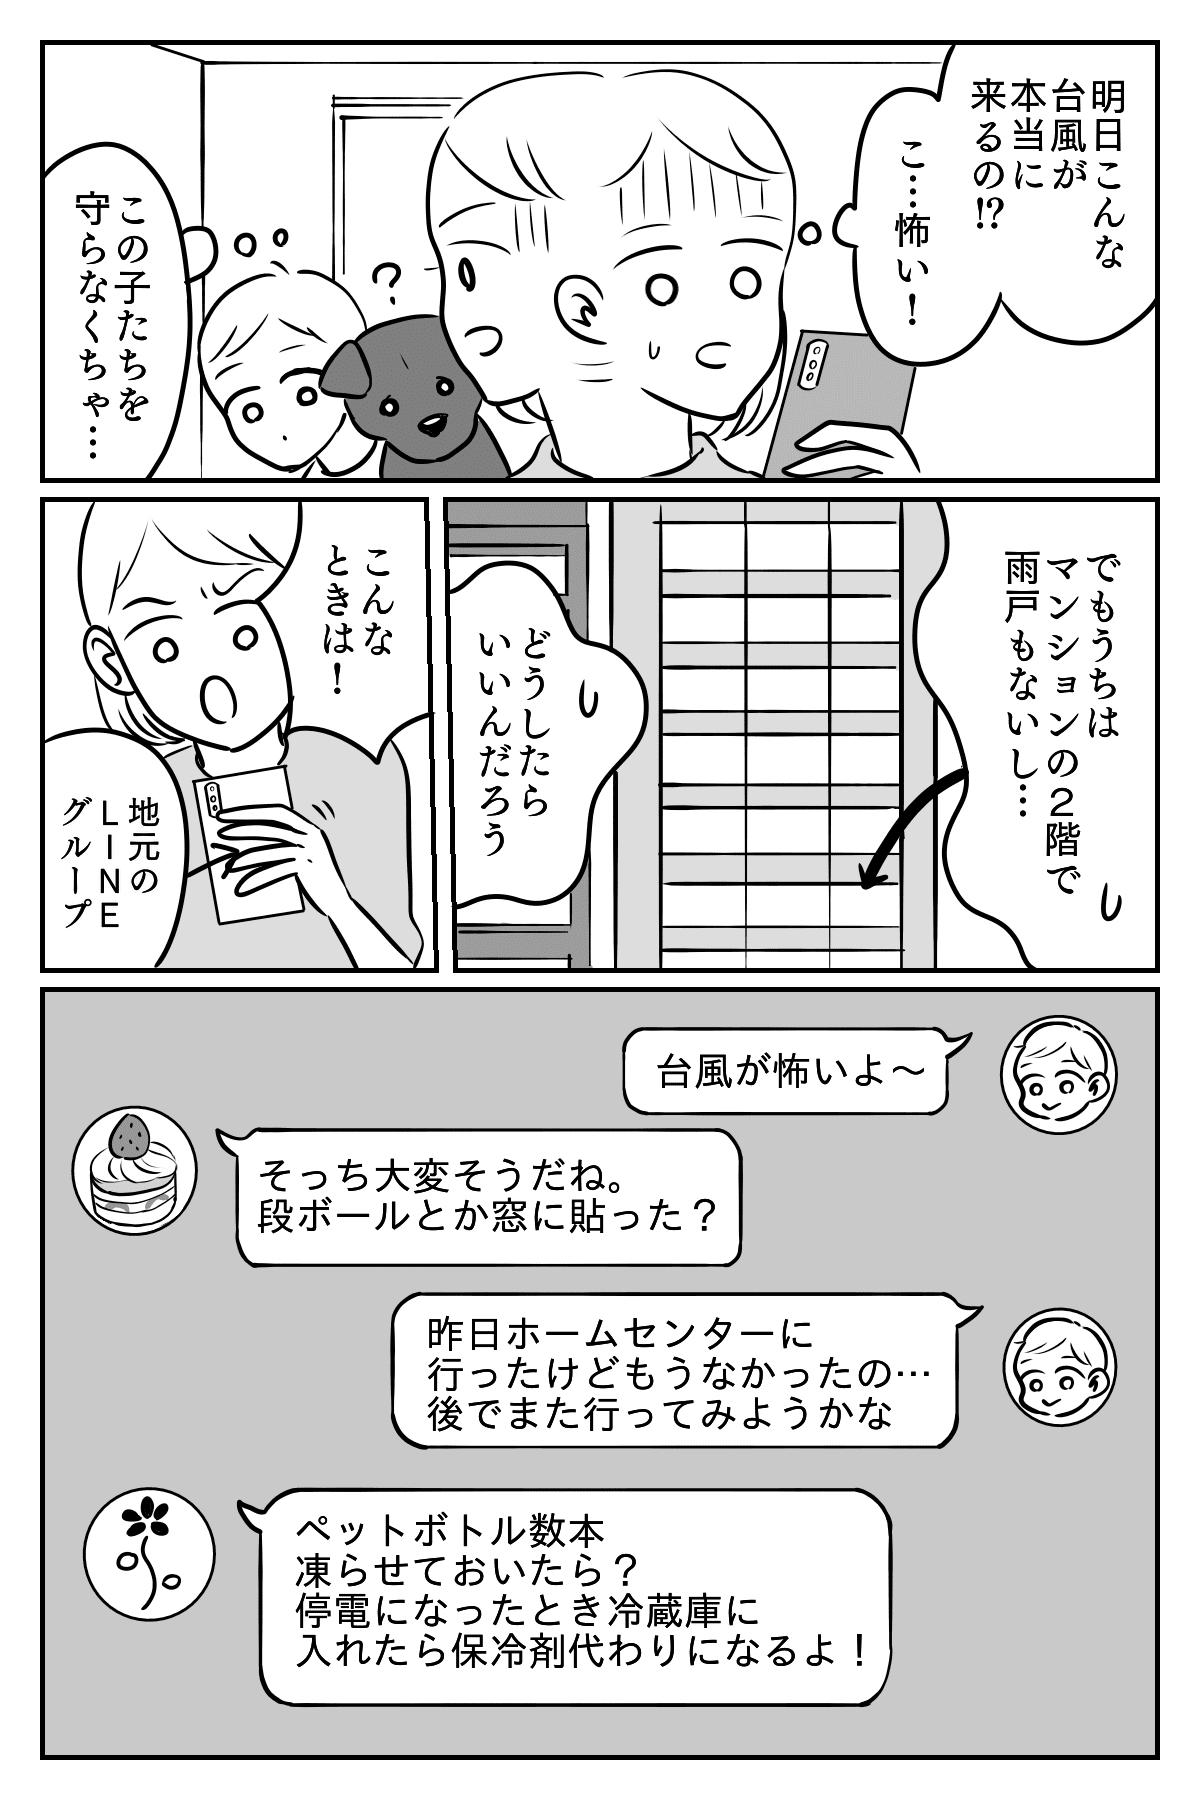 迫りくる大型台風が怖い!01